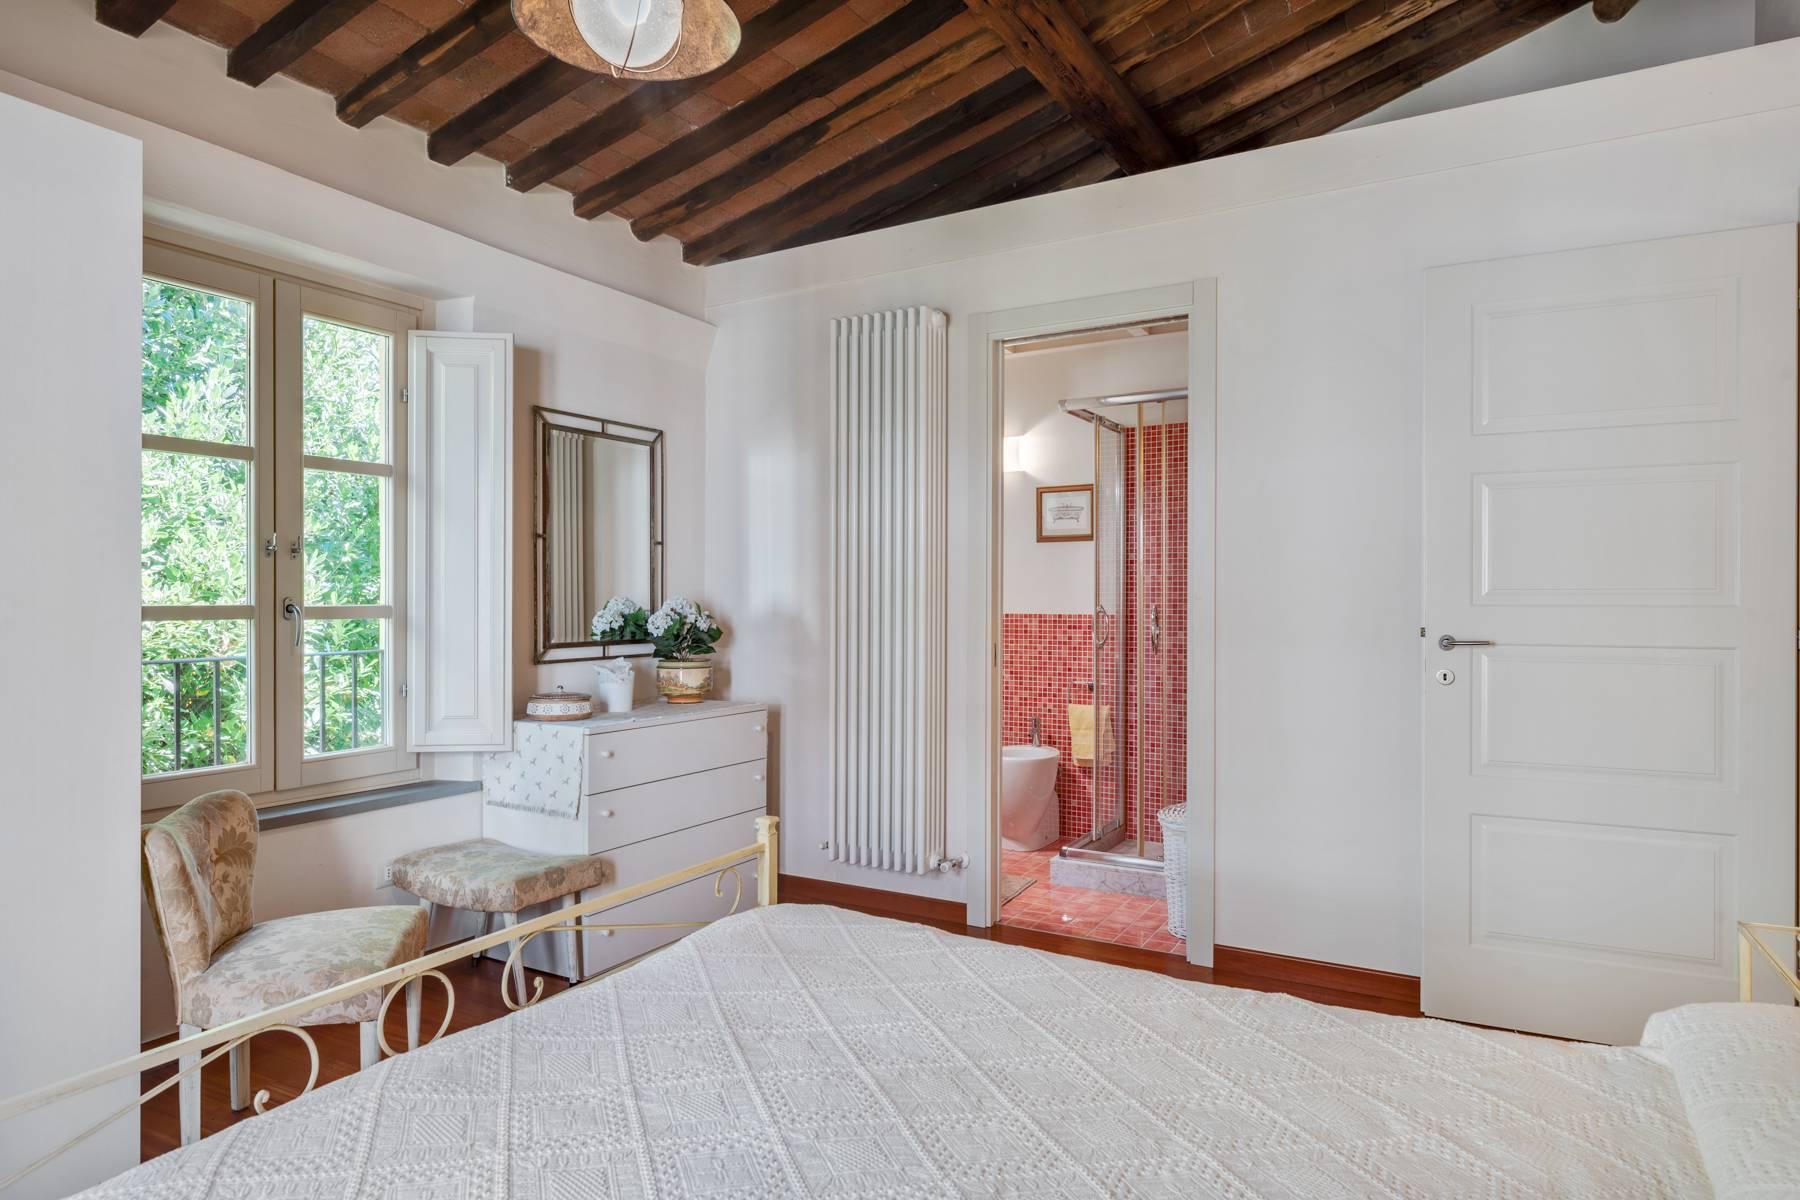 Appartamento in Vendita a Lucca: 4 locali, 120 mq - Foto 8